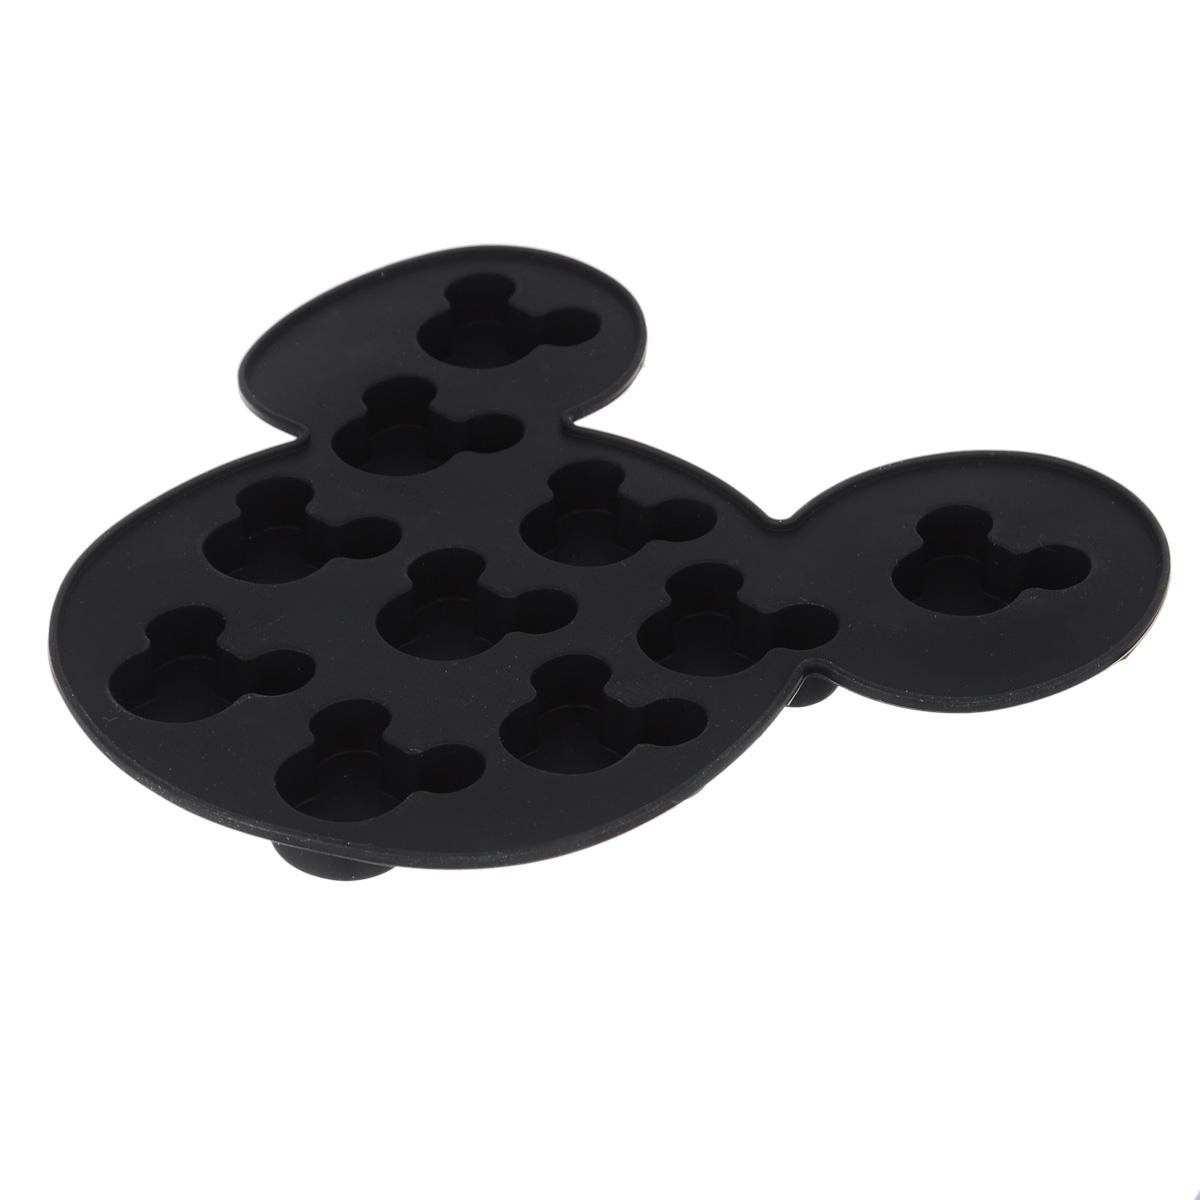 Форма для льда Disney Микки Маус, цвет: черный, 10 ячеекVT-1520(SR)Форма Disney Микки Маус выполнена из высококачественного пищевого силикона и предназначена для изготовления шоколада, конфет, мармелада, желе, льда и выпечки. На одном листе расположено 10 ячеек в виде мордочек Микки Мауса. Благодаря тому, что форма изготовлена из силикона, готовый десерт вынимать легко и просто. Силиконовые формы выдерживают высокие и низкие температуры (от -40°С до +230°С). Они эластичны, износостойки, легко моются, не горят и не тлеют, не впитывают запахи, не оставляют пятен. Силикон абсолютно безвреден для здоровья. Чтобы достать льдинки, эту форму не нужно держать под теплой водой или использовать нож. Можно использовать в микроволновой печи, мыть в посудомоечной машине и хранить в холодильнике.Упаковка содержит описание рецептов ягодного льда и шоколадных конфет.Общий размер формы: 16 х 15 х 1,5 см. Количество ячеек: 10 шт.Размер ячеек: 3 х 2,5 х 1 см.